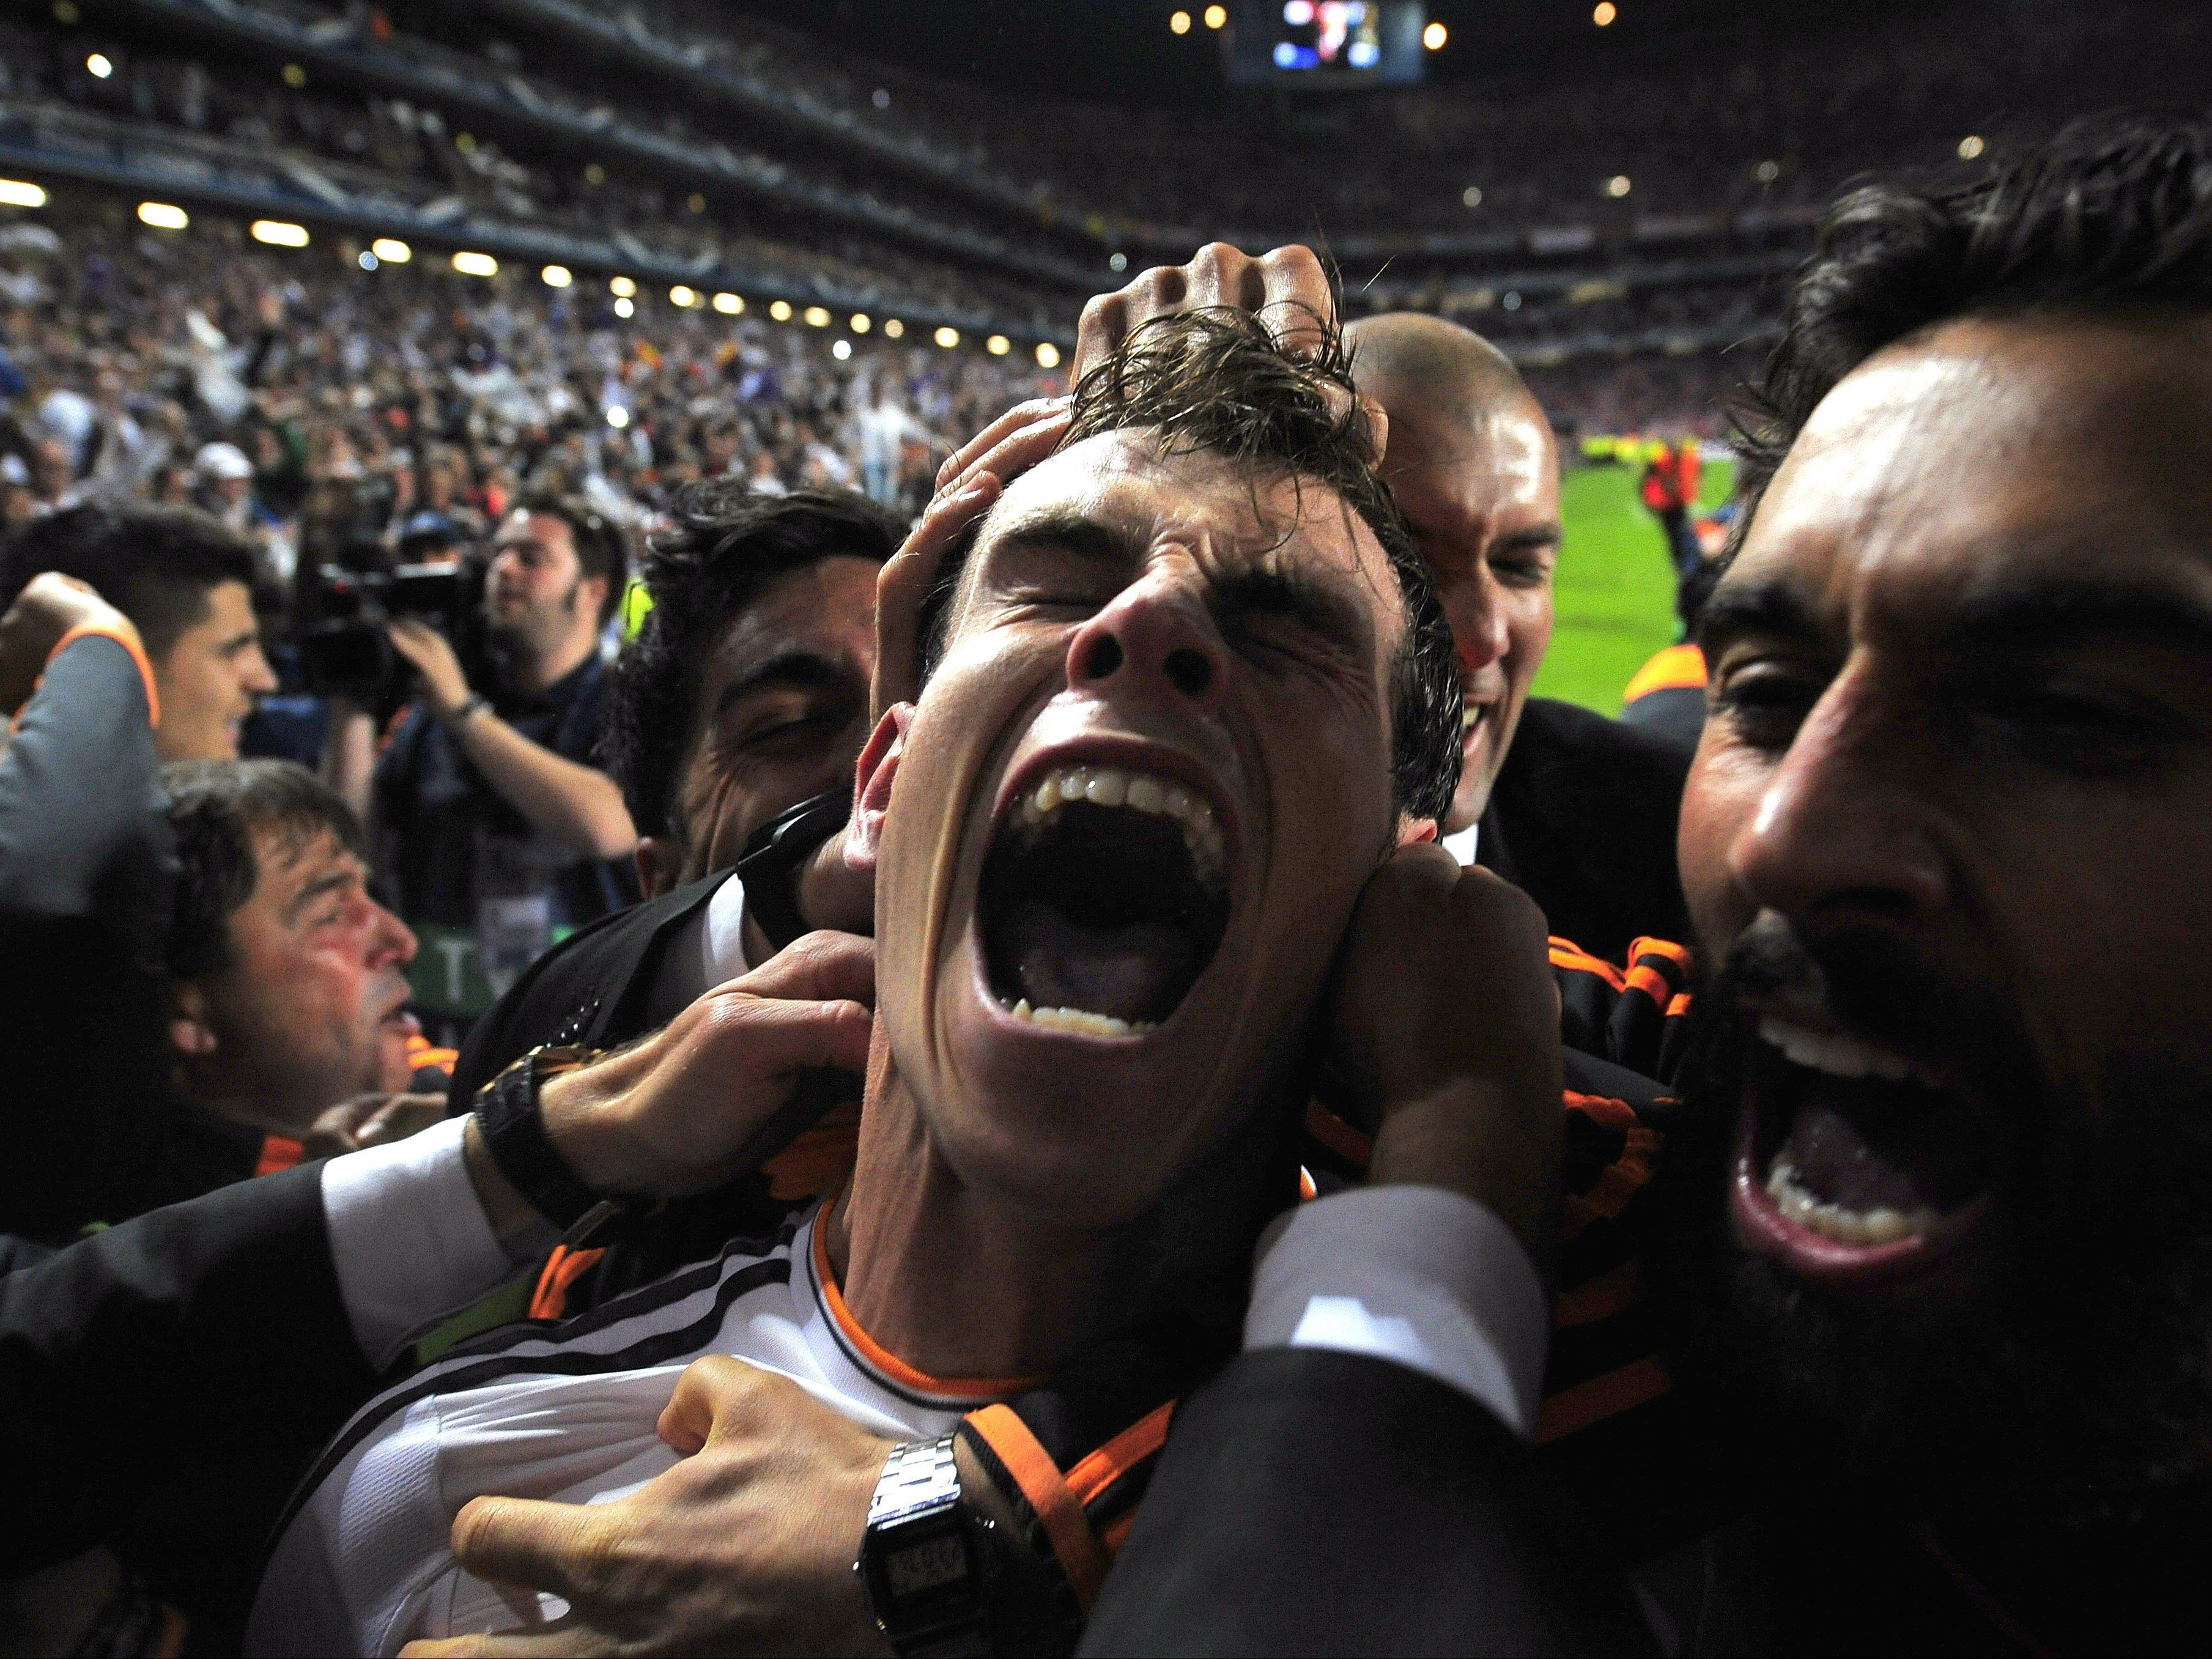 Beim teuersten Transfer in der Fußball-Geschichte flossen 100 Millionen Euro.